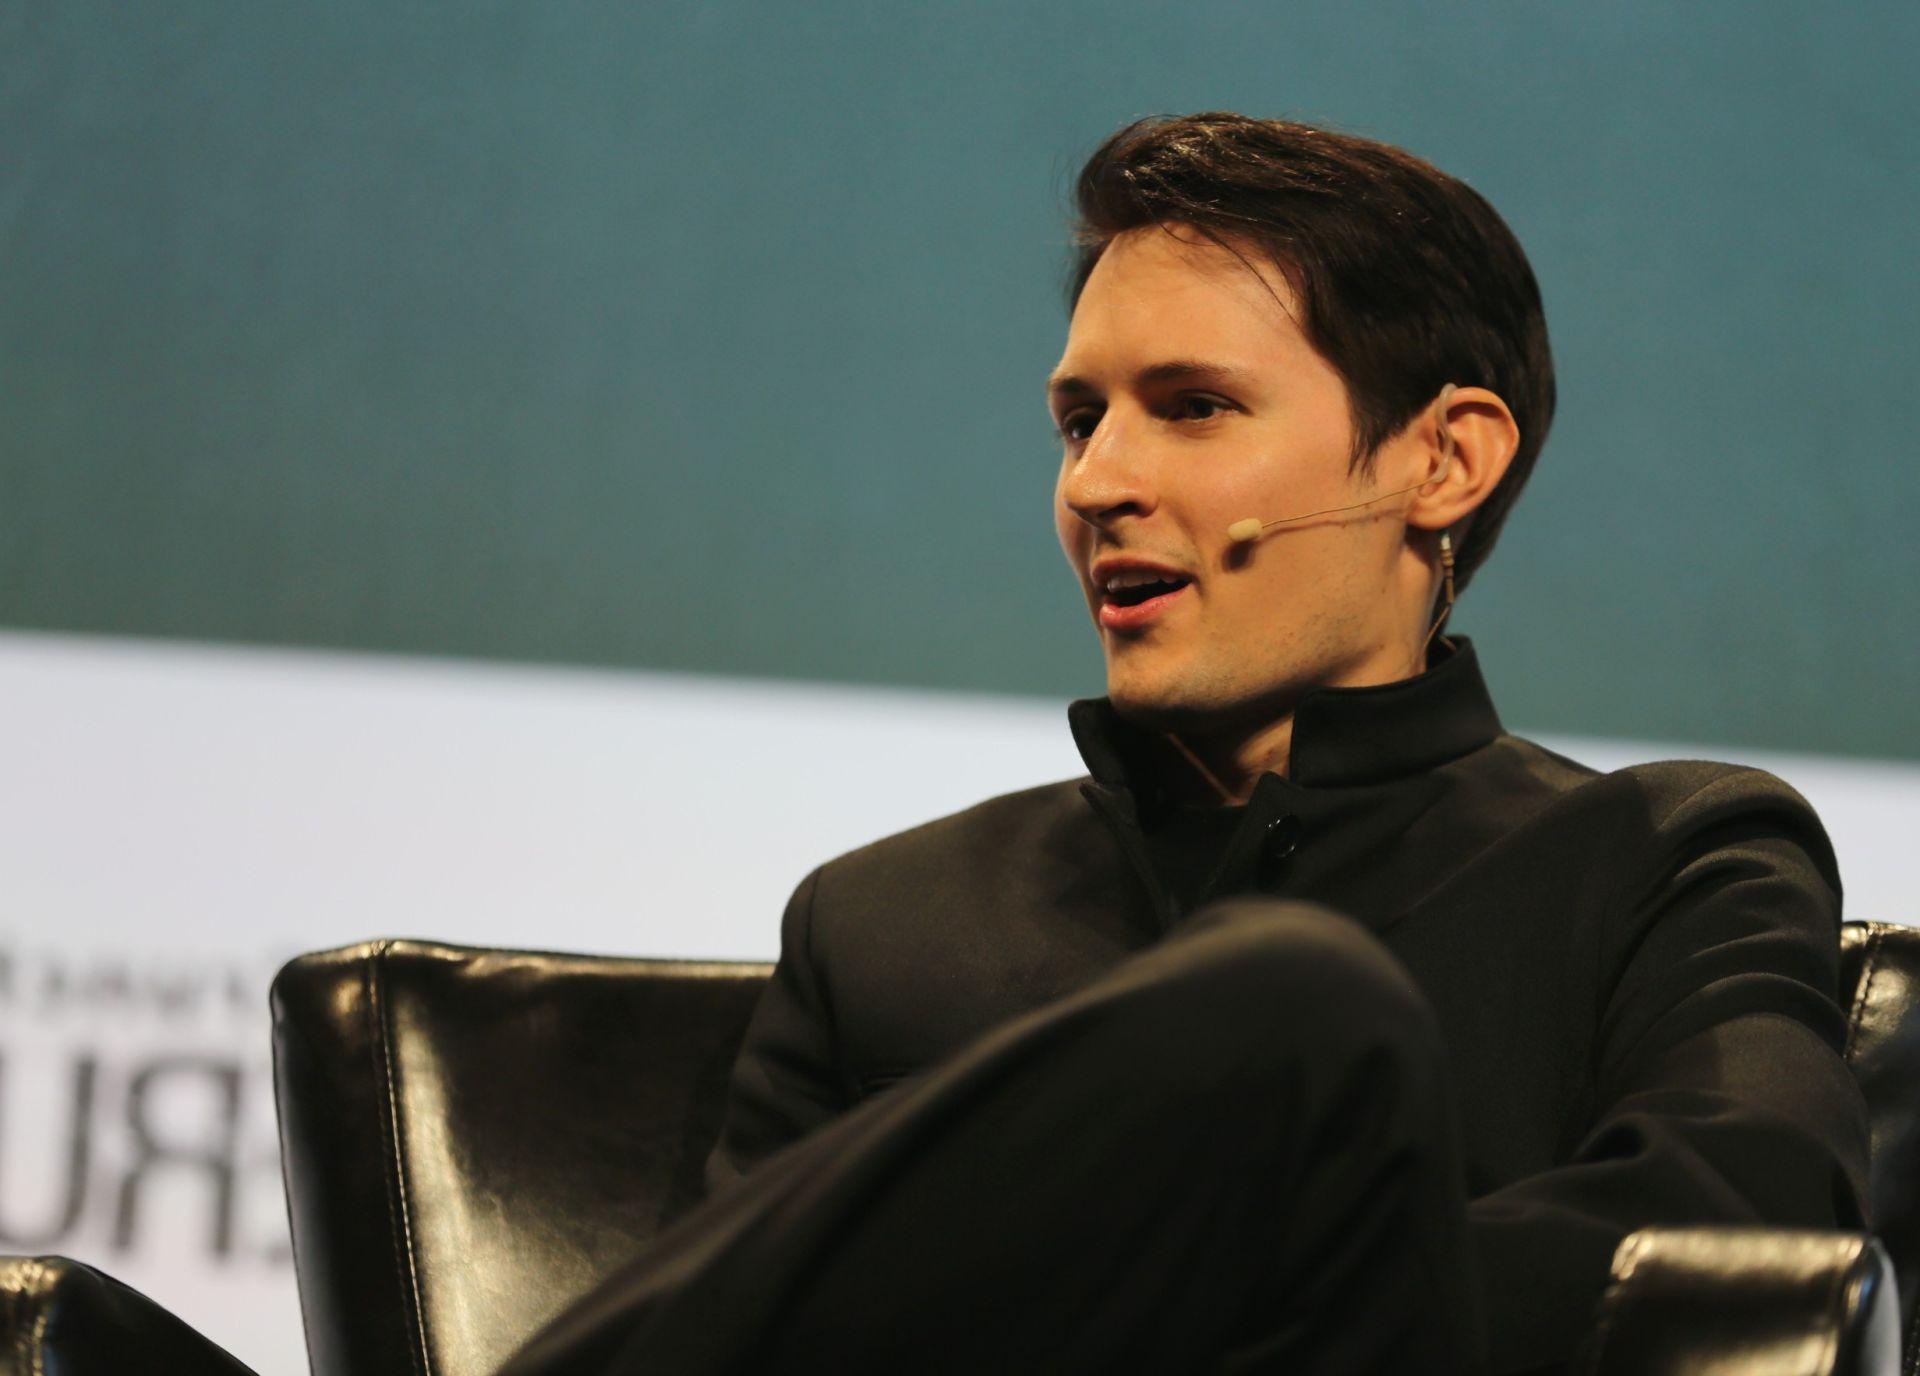 Основатель Telegram заявил о массовом переходе на его мессенджер пользователей WhatsApp